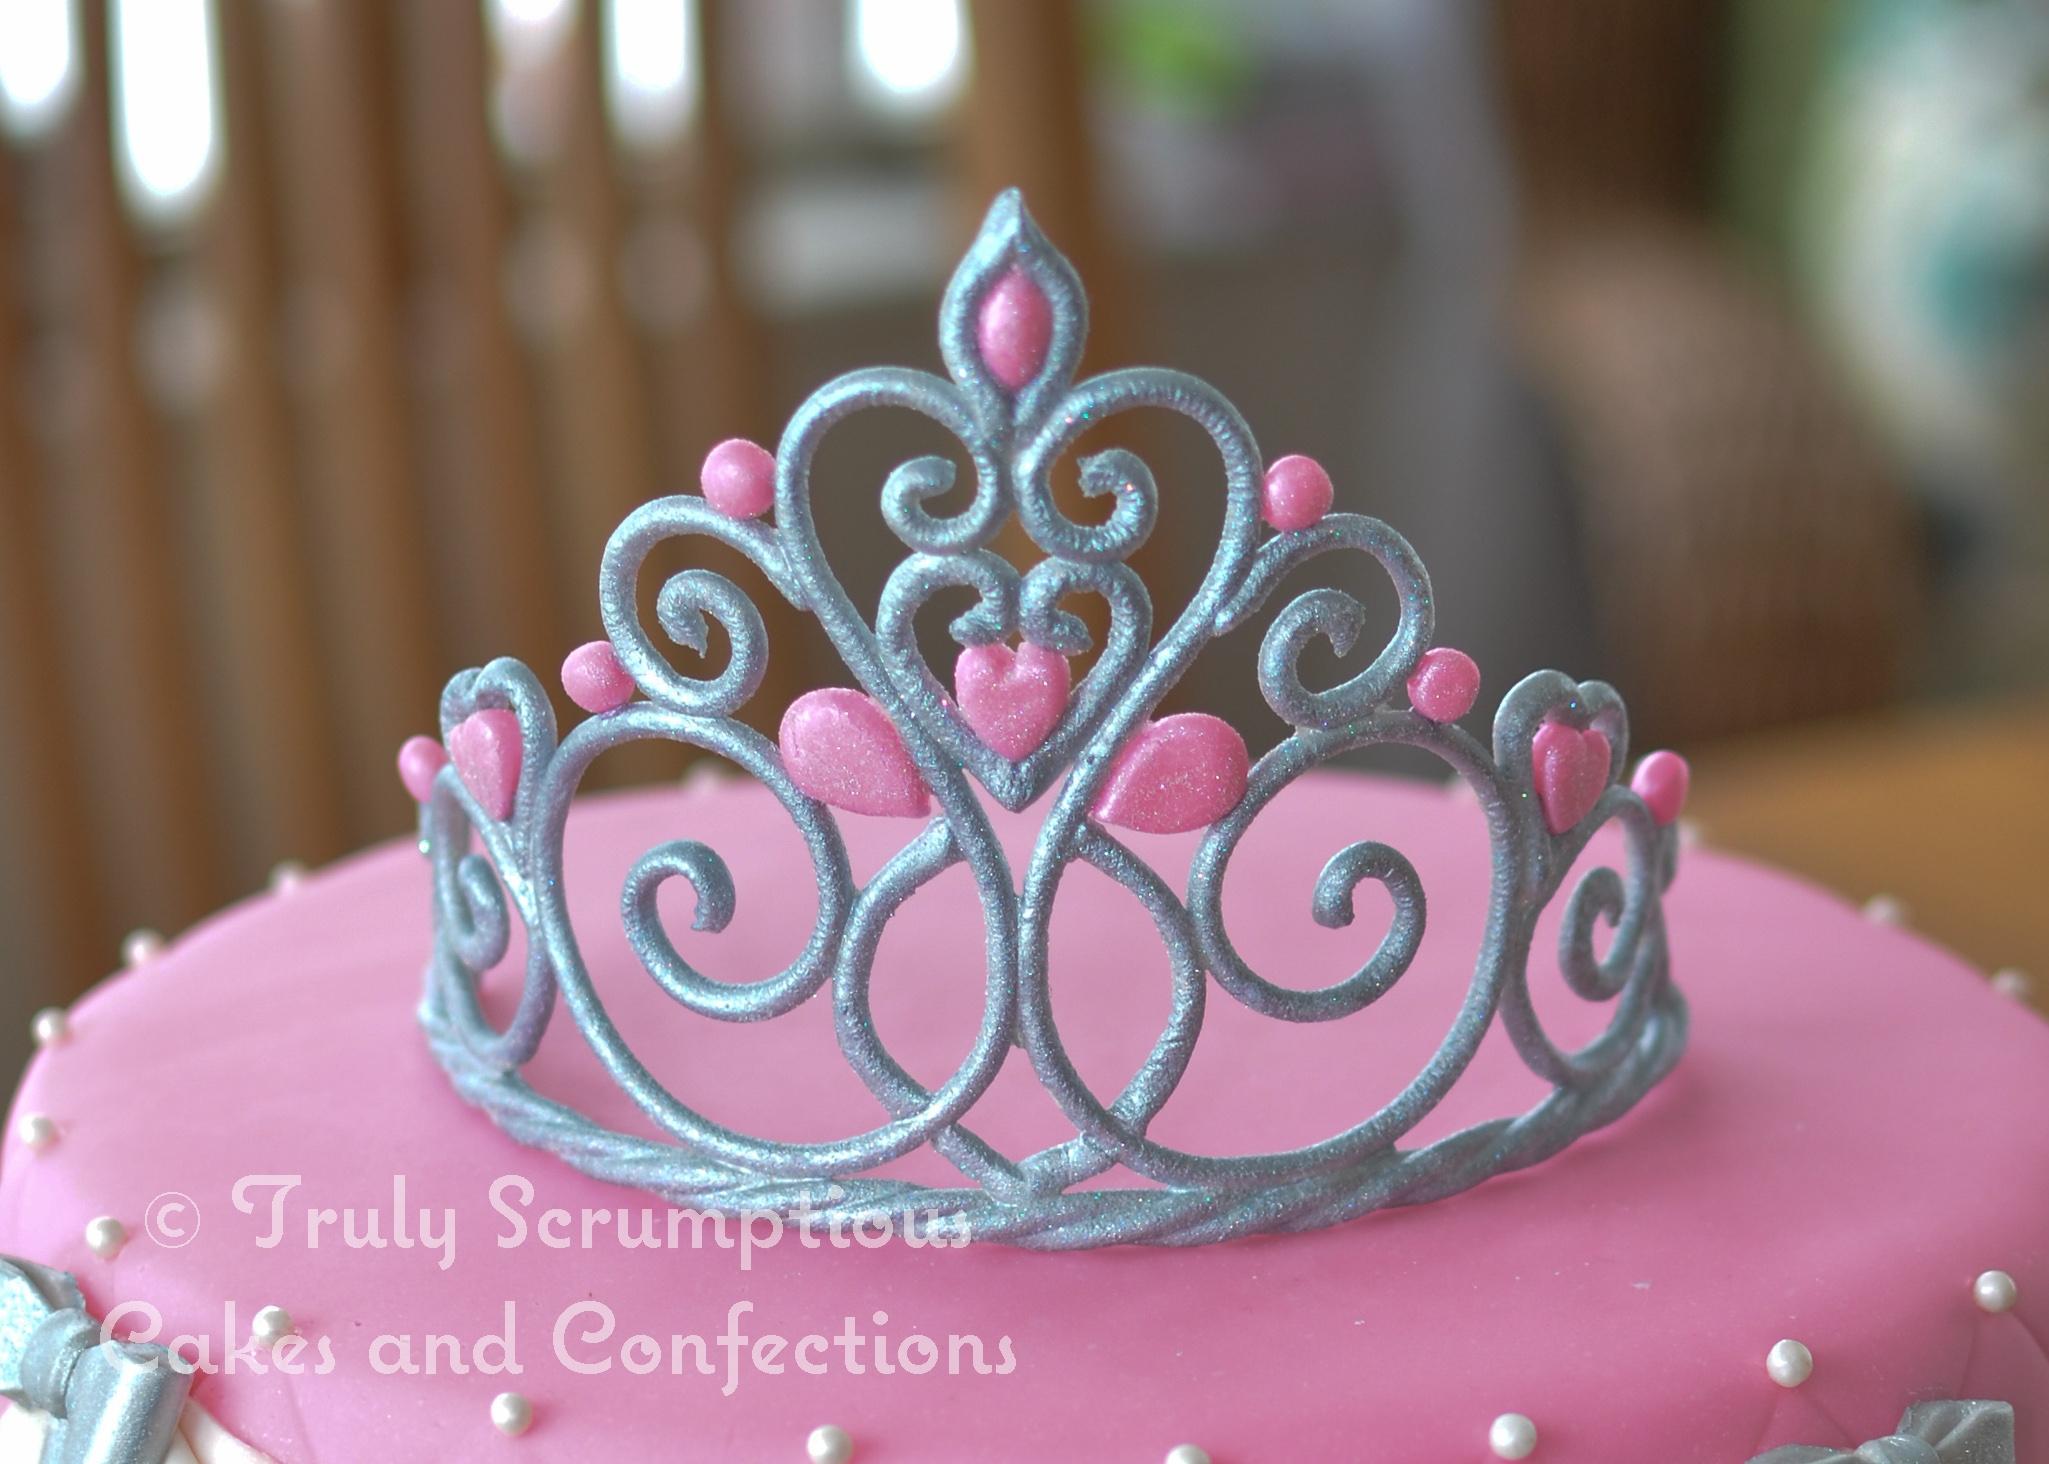 Princesstiara Cake 9 Round Chocvanilla Marble Cake Hand